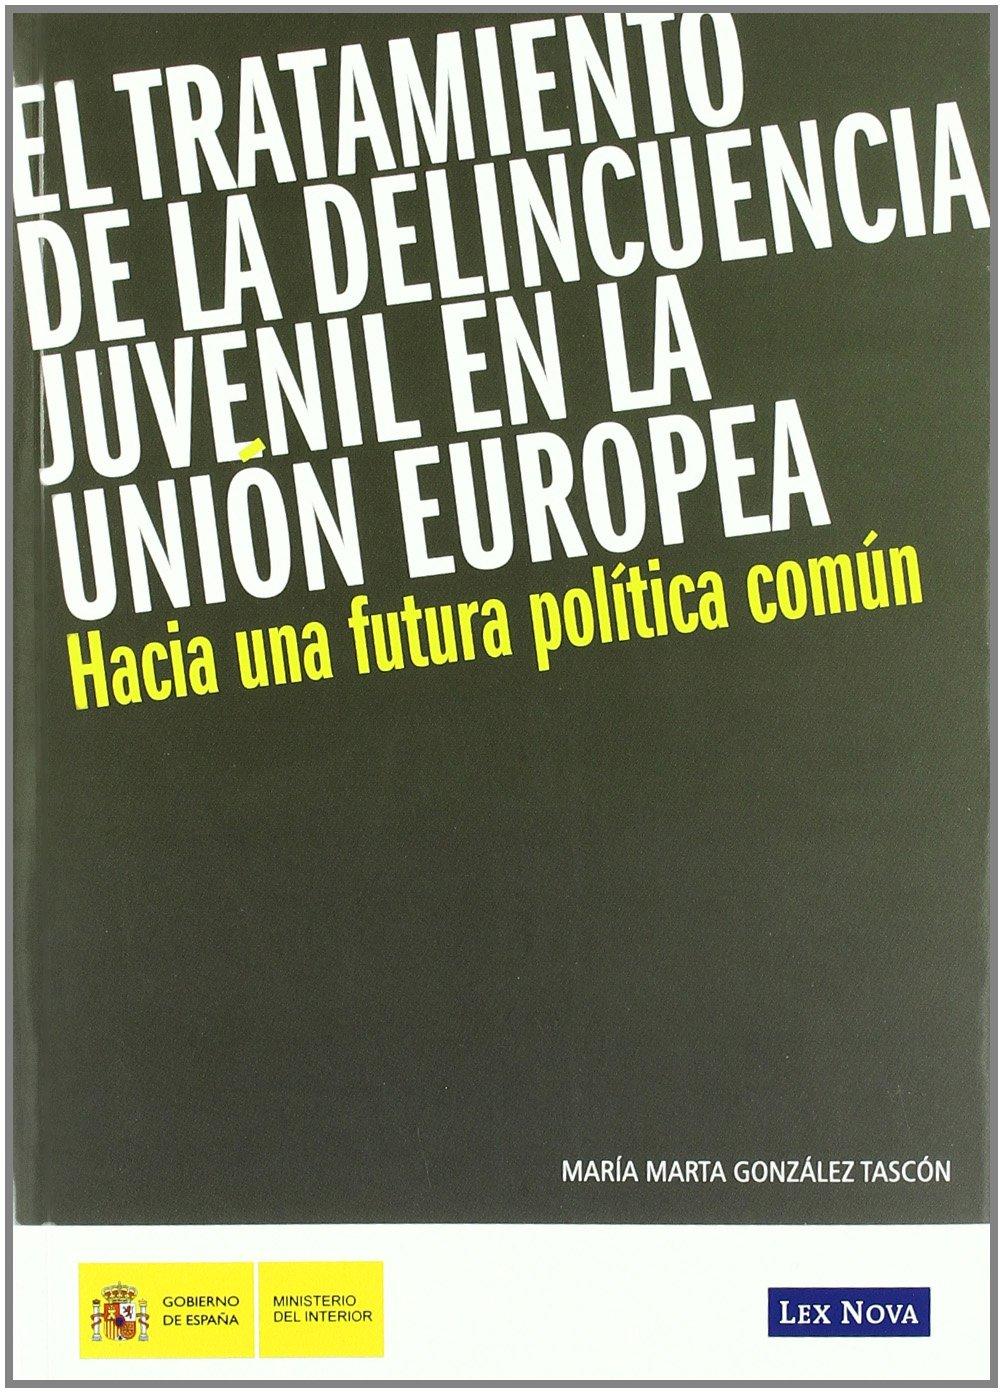 El tratamiento de la delincuencia juvenil en la Unión Europea. Hacia una futura política común Monografía: Amazon.es: María Marta González Tascón, ...